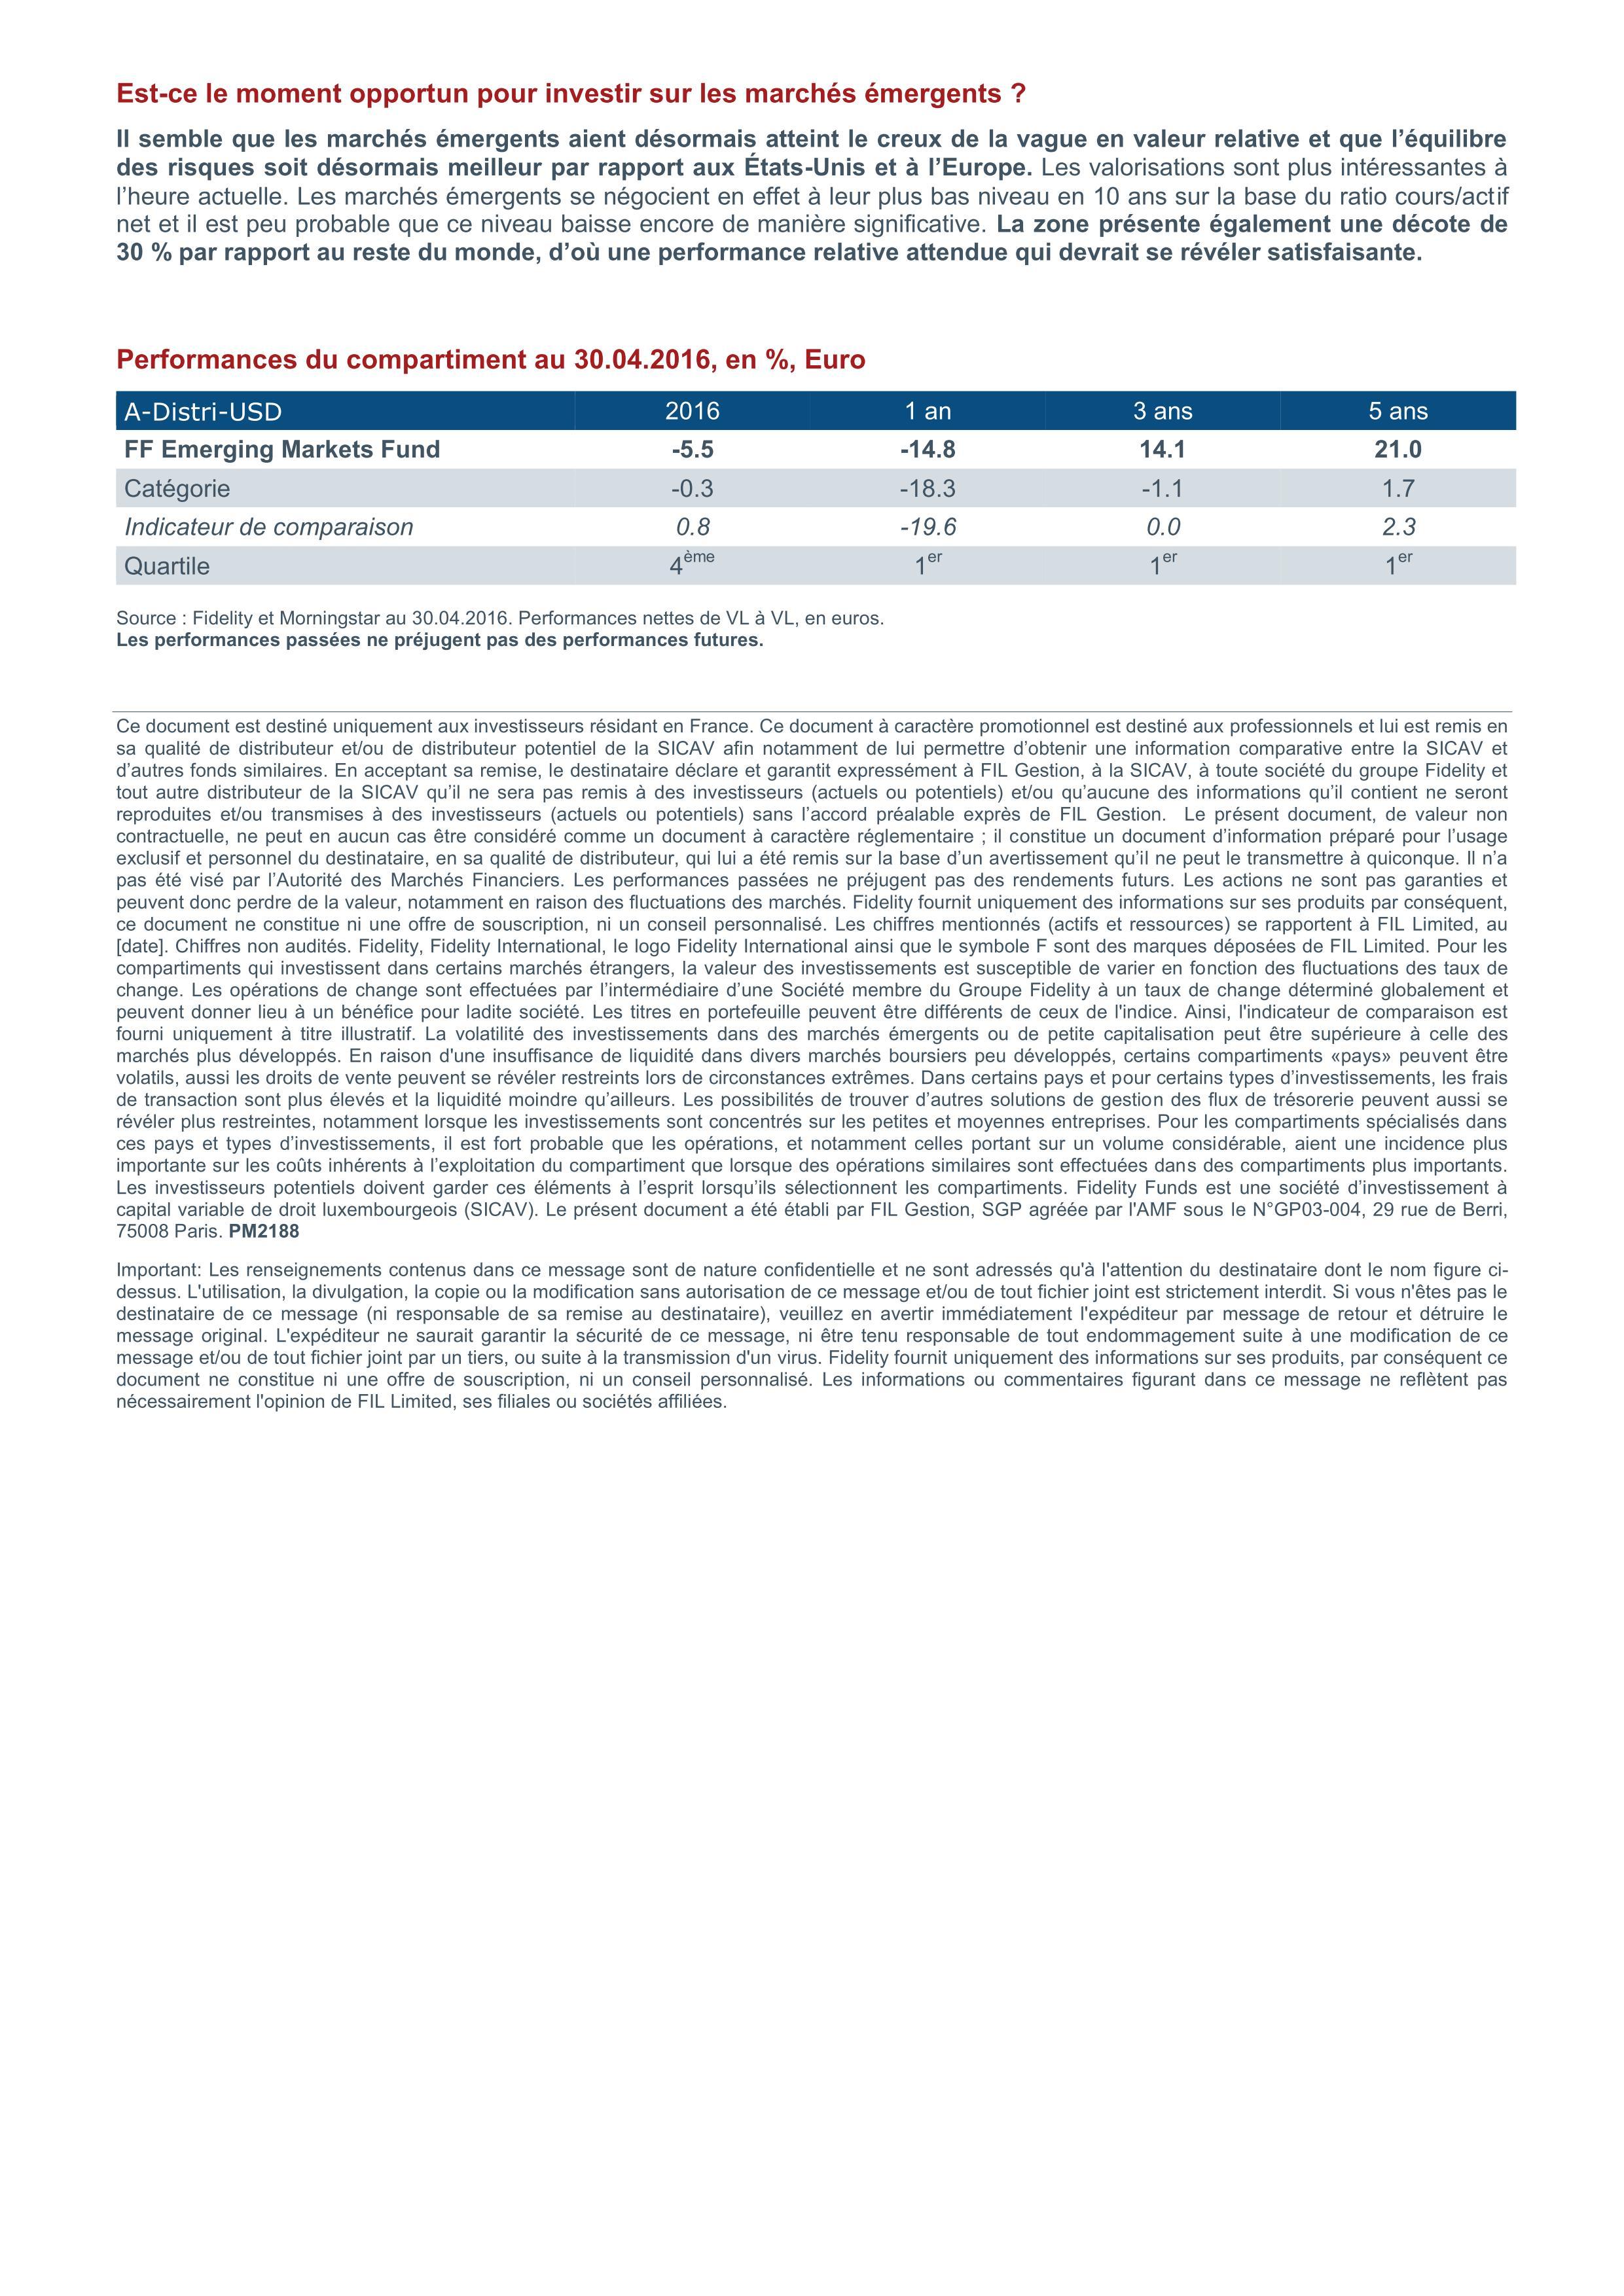 Fidelity - Flash marchés - Marchés émergents - Mai 2016_04